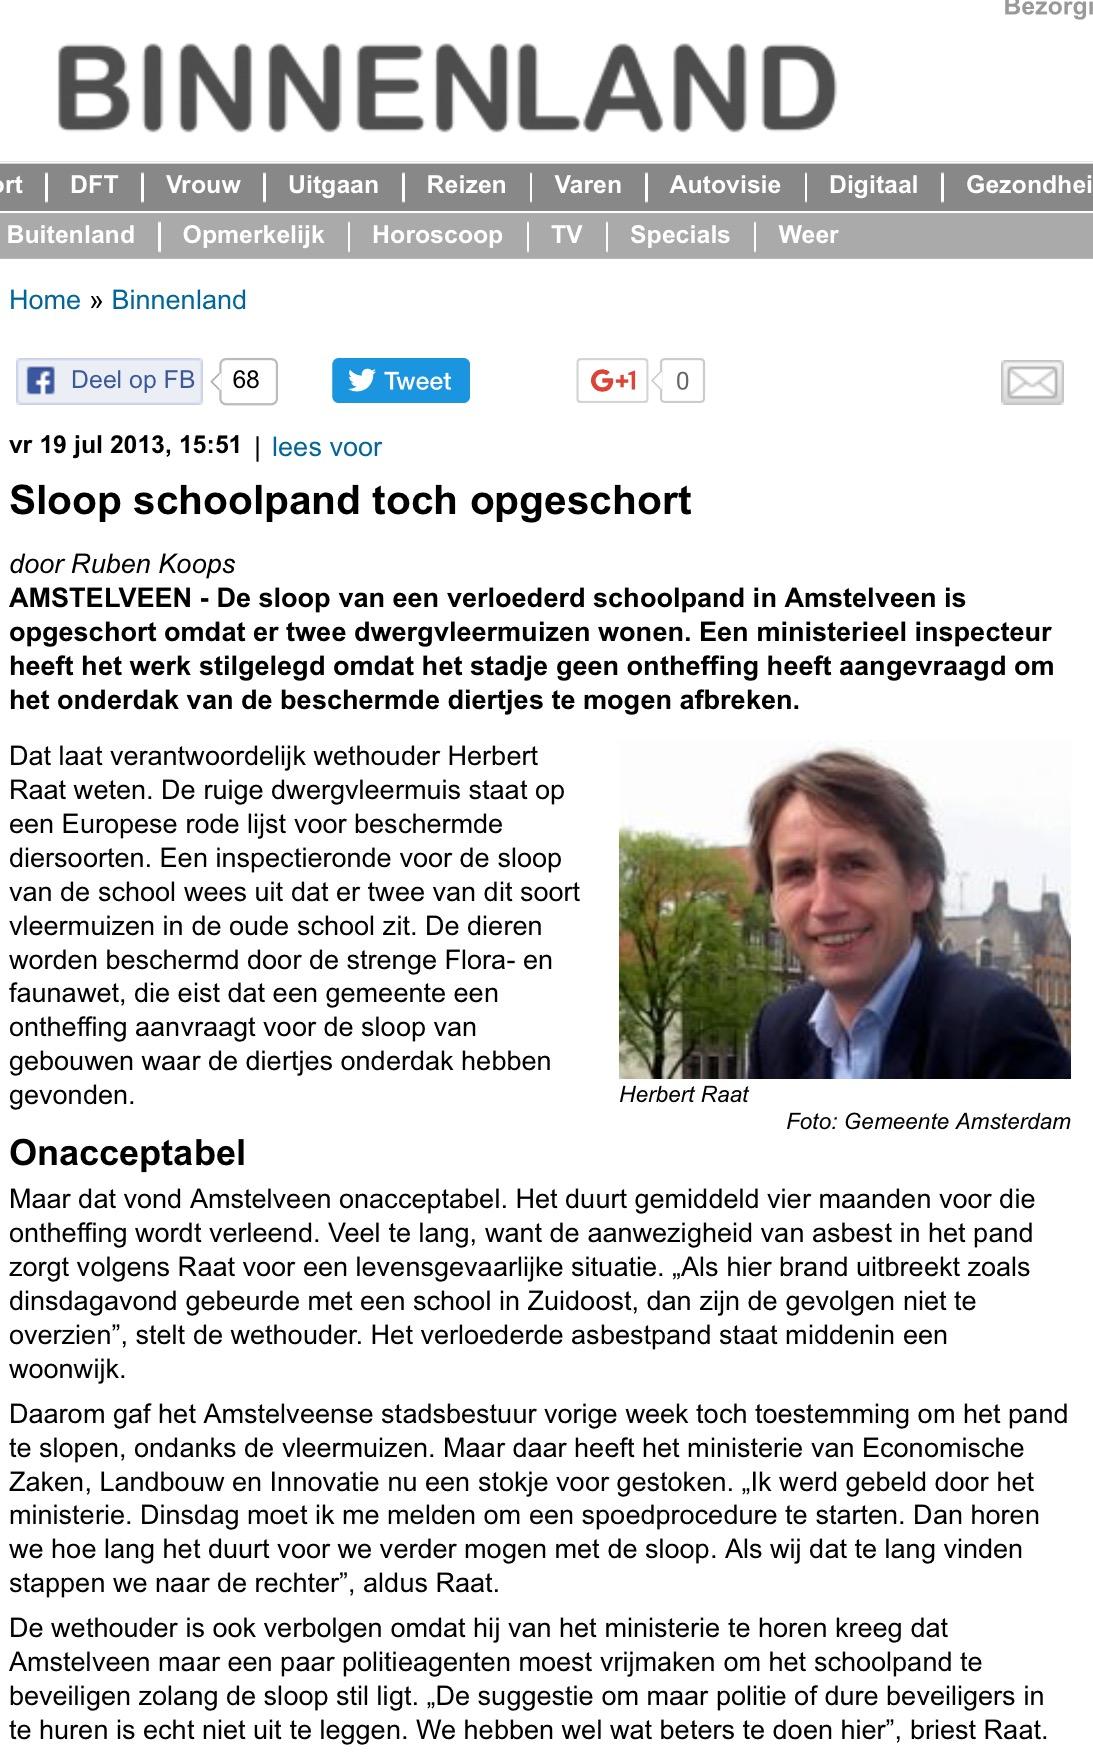 2013-9-7 Telegraaf over vleermuizen Amstelveen